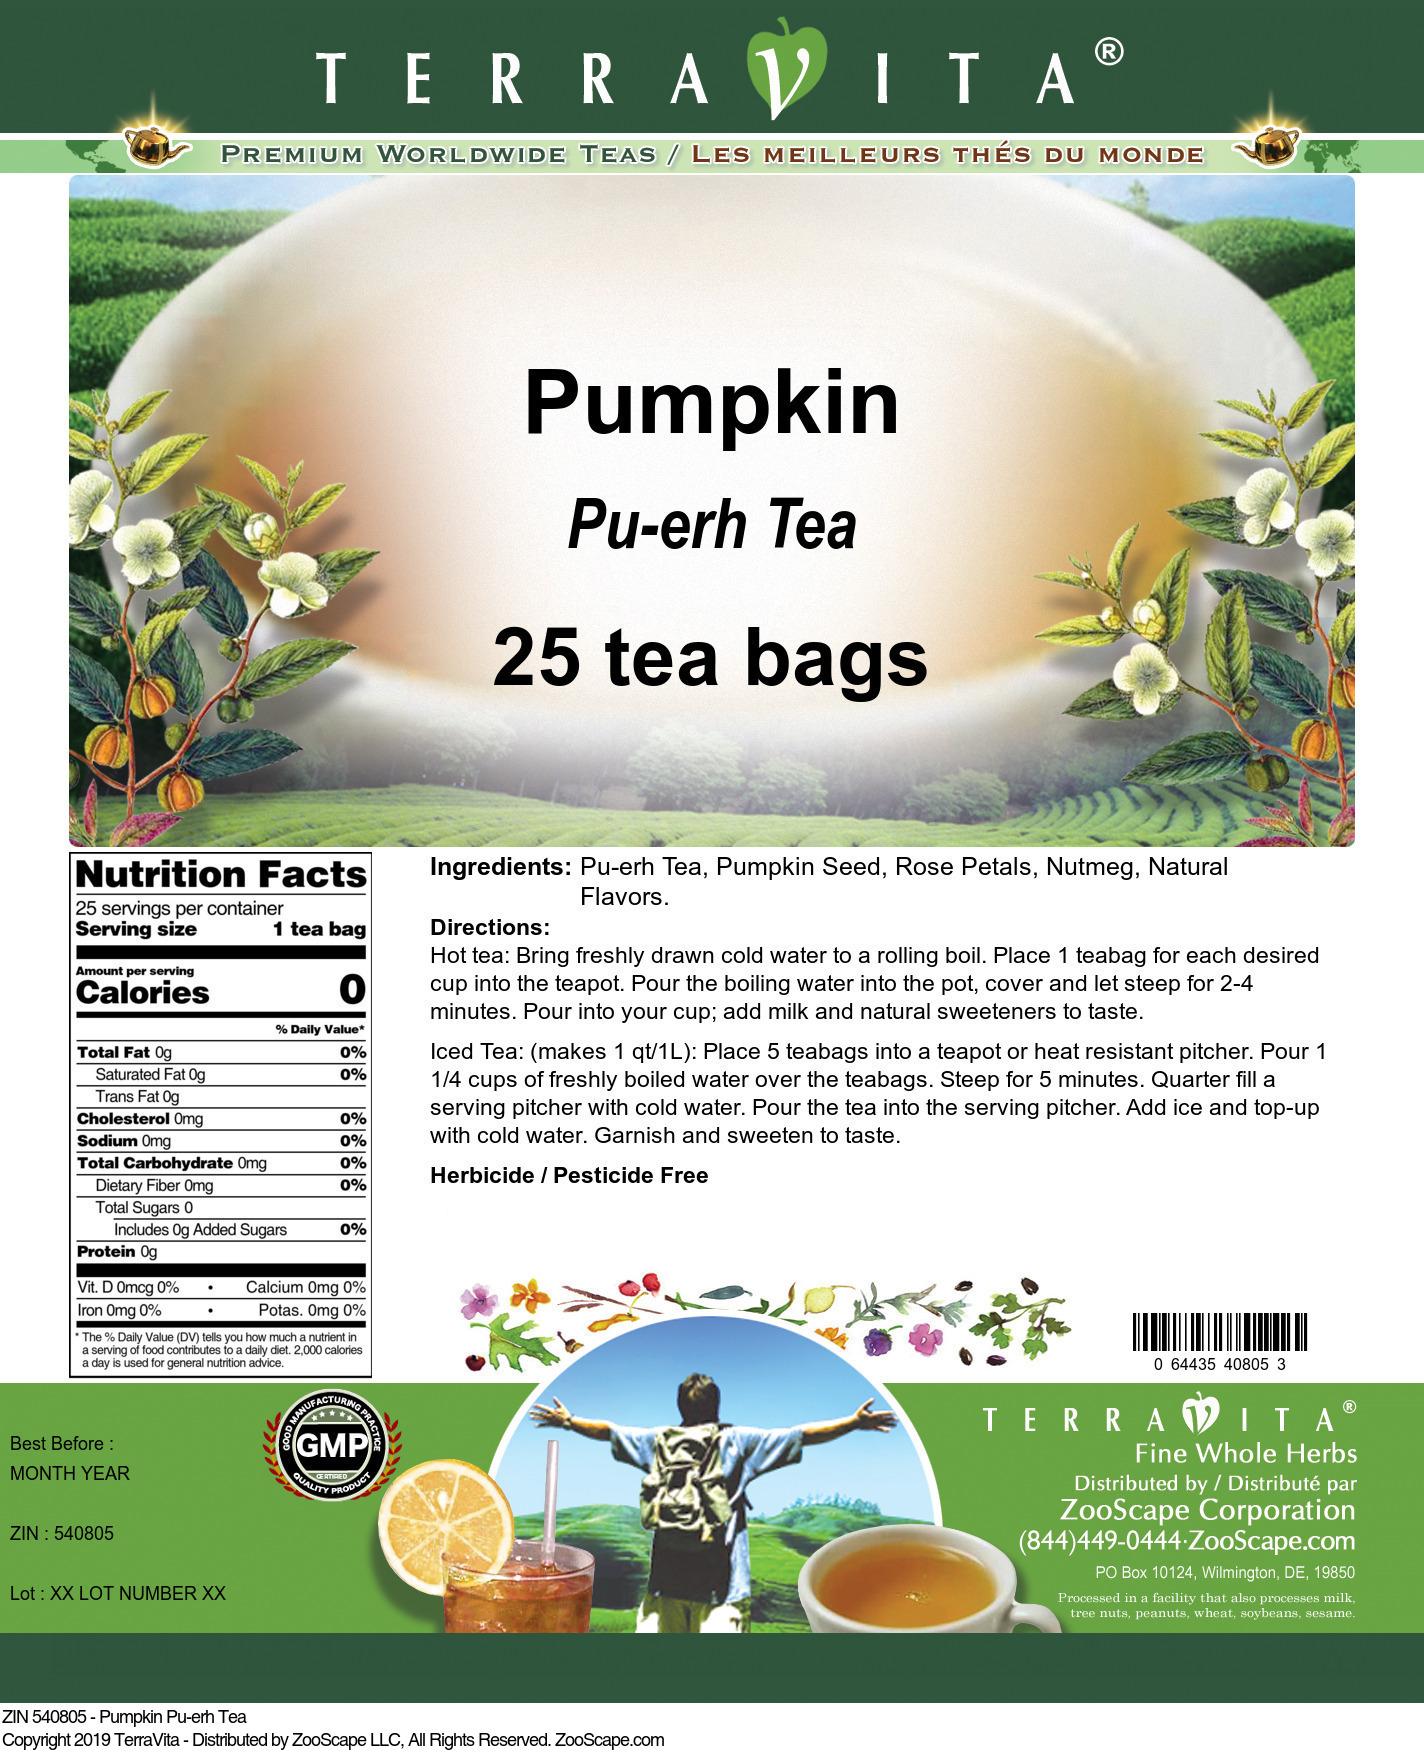 Pumpkin Pu-erh Tea